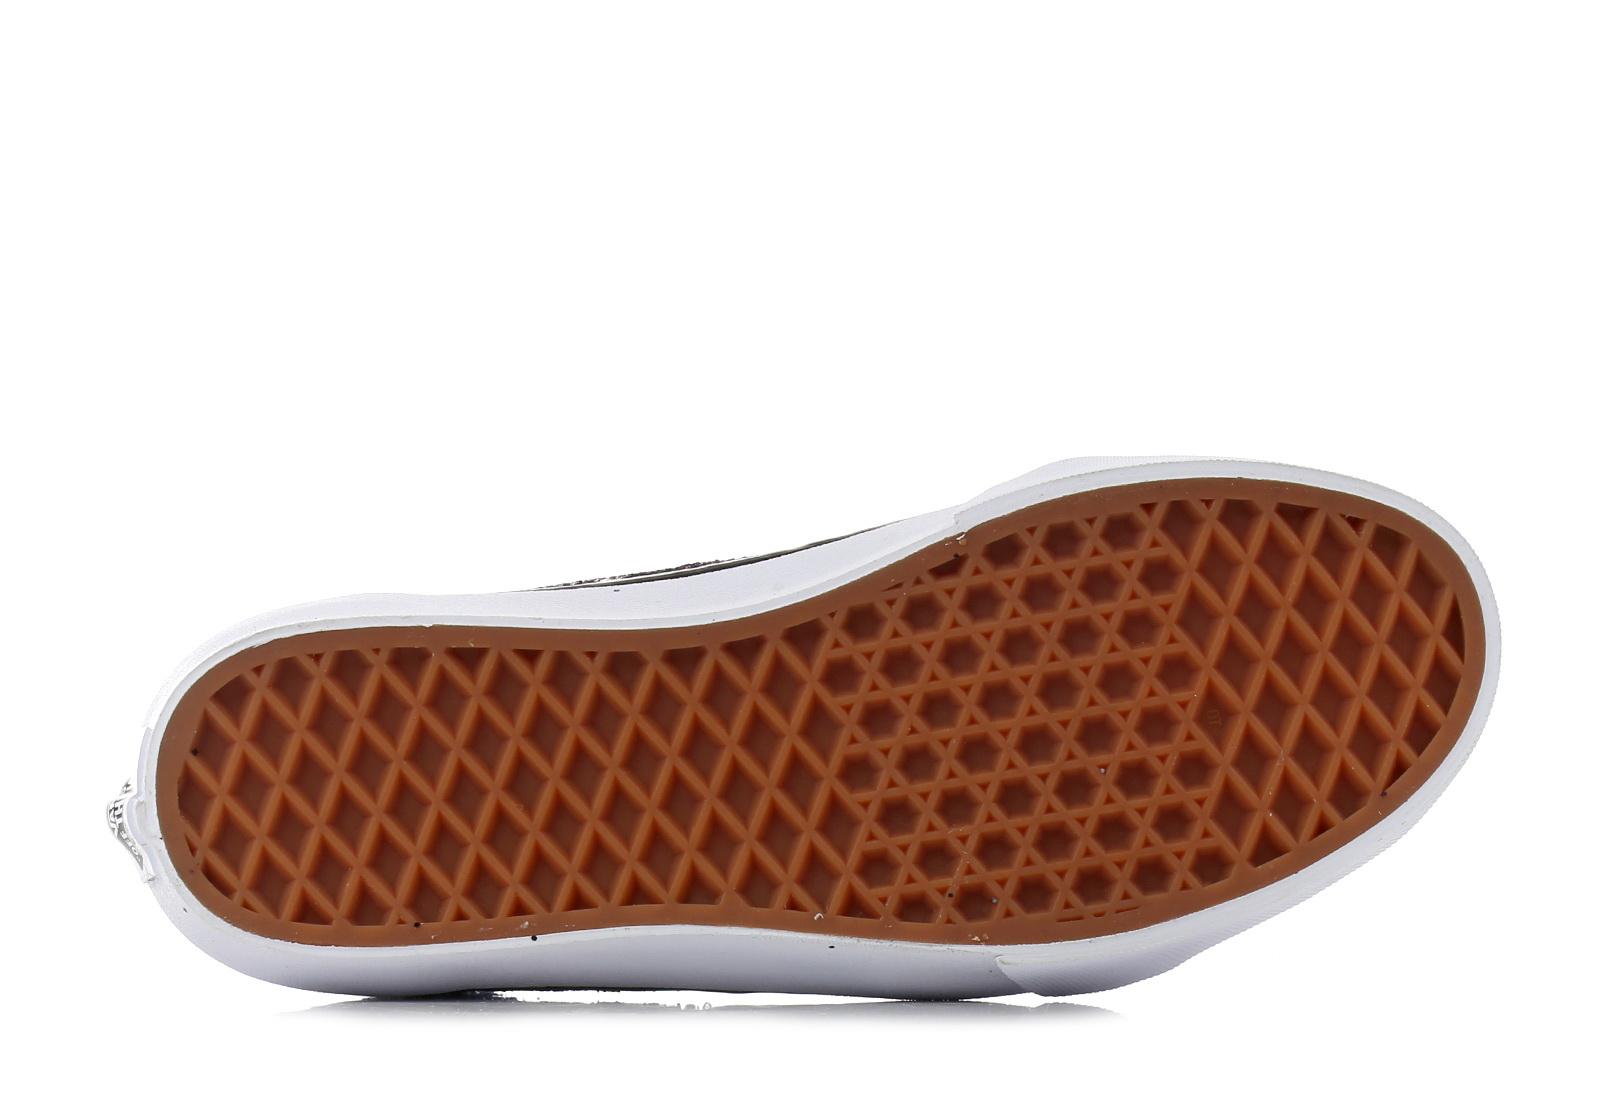 4639f98084 Vans Shoes - Uy Old Skool - VA38HBVIQ - Online shop for sneakers ...